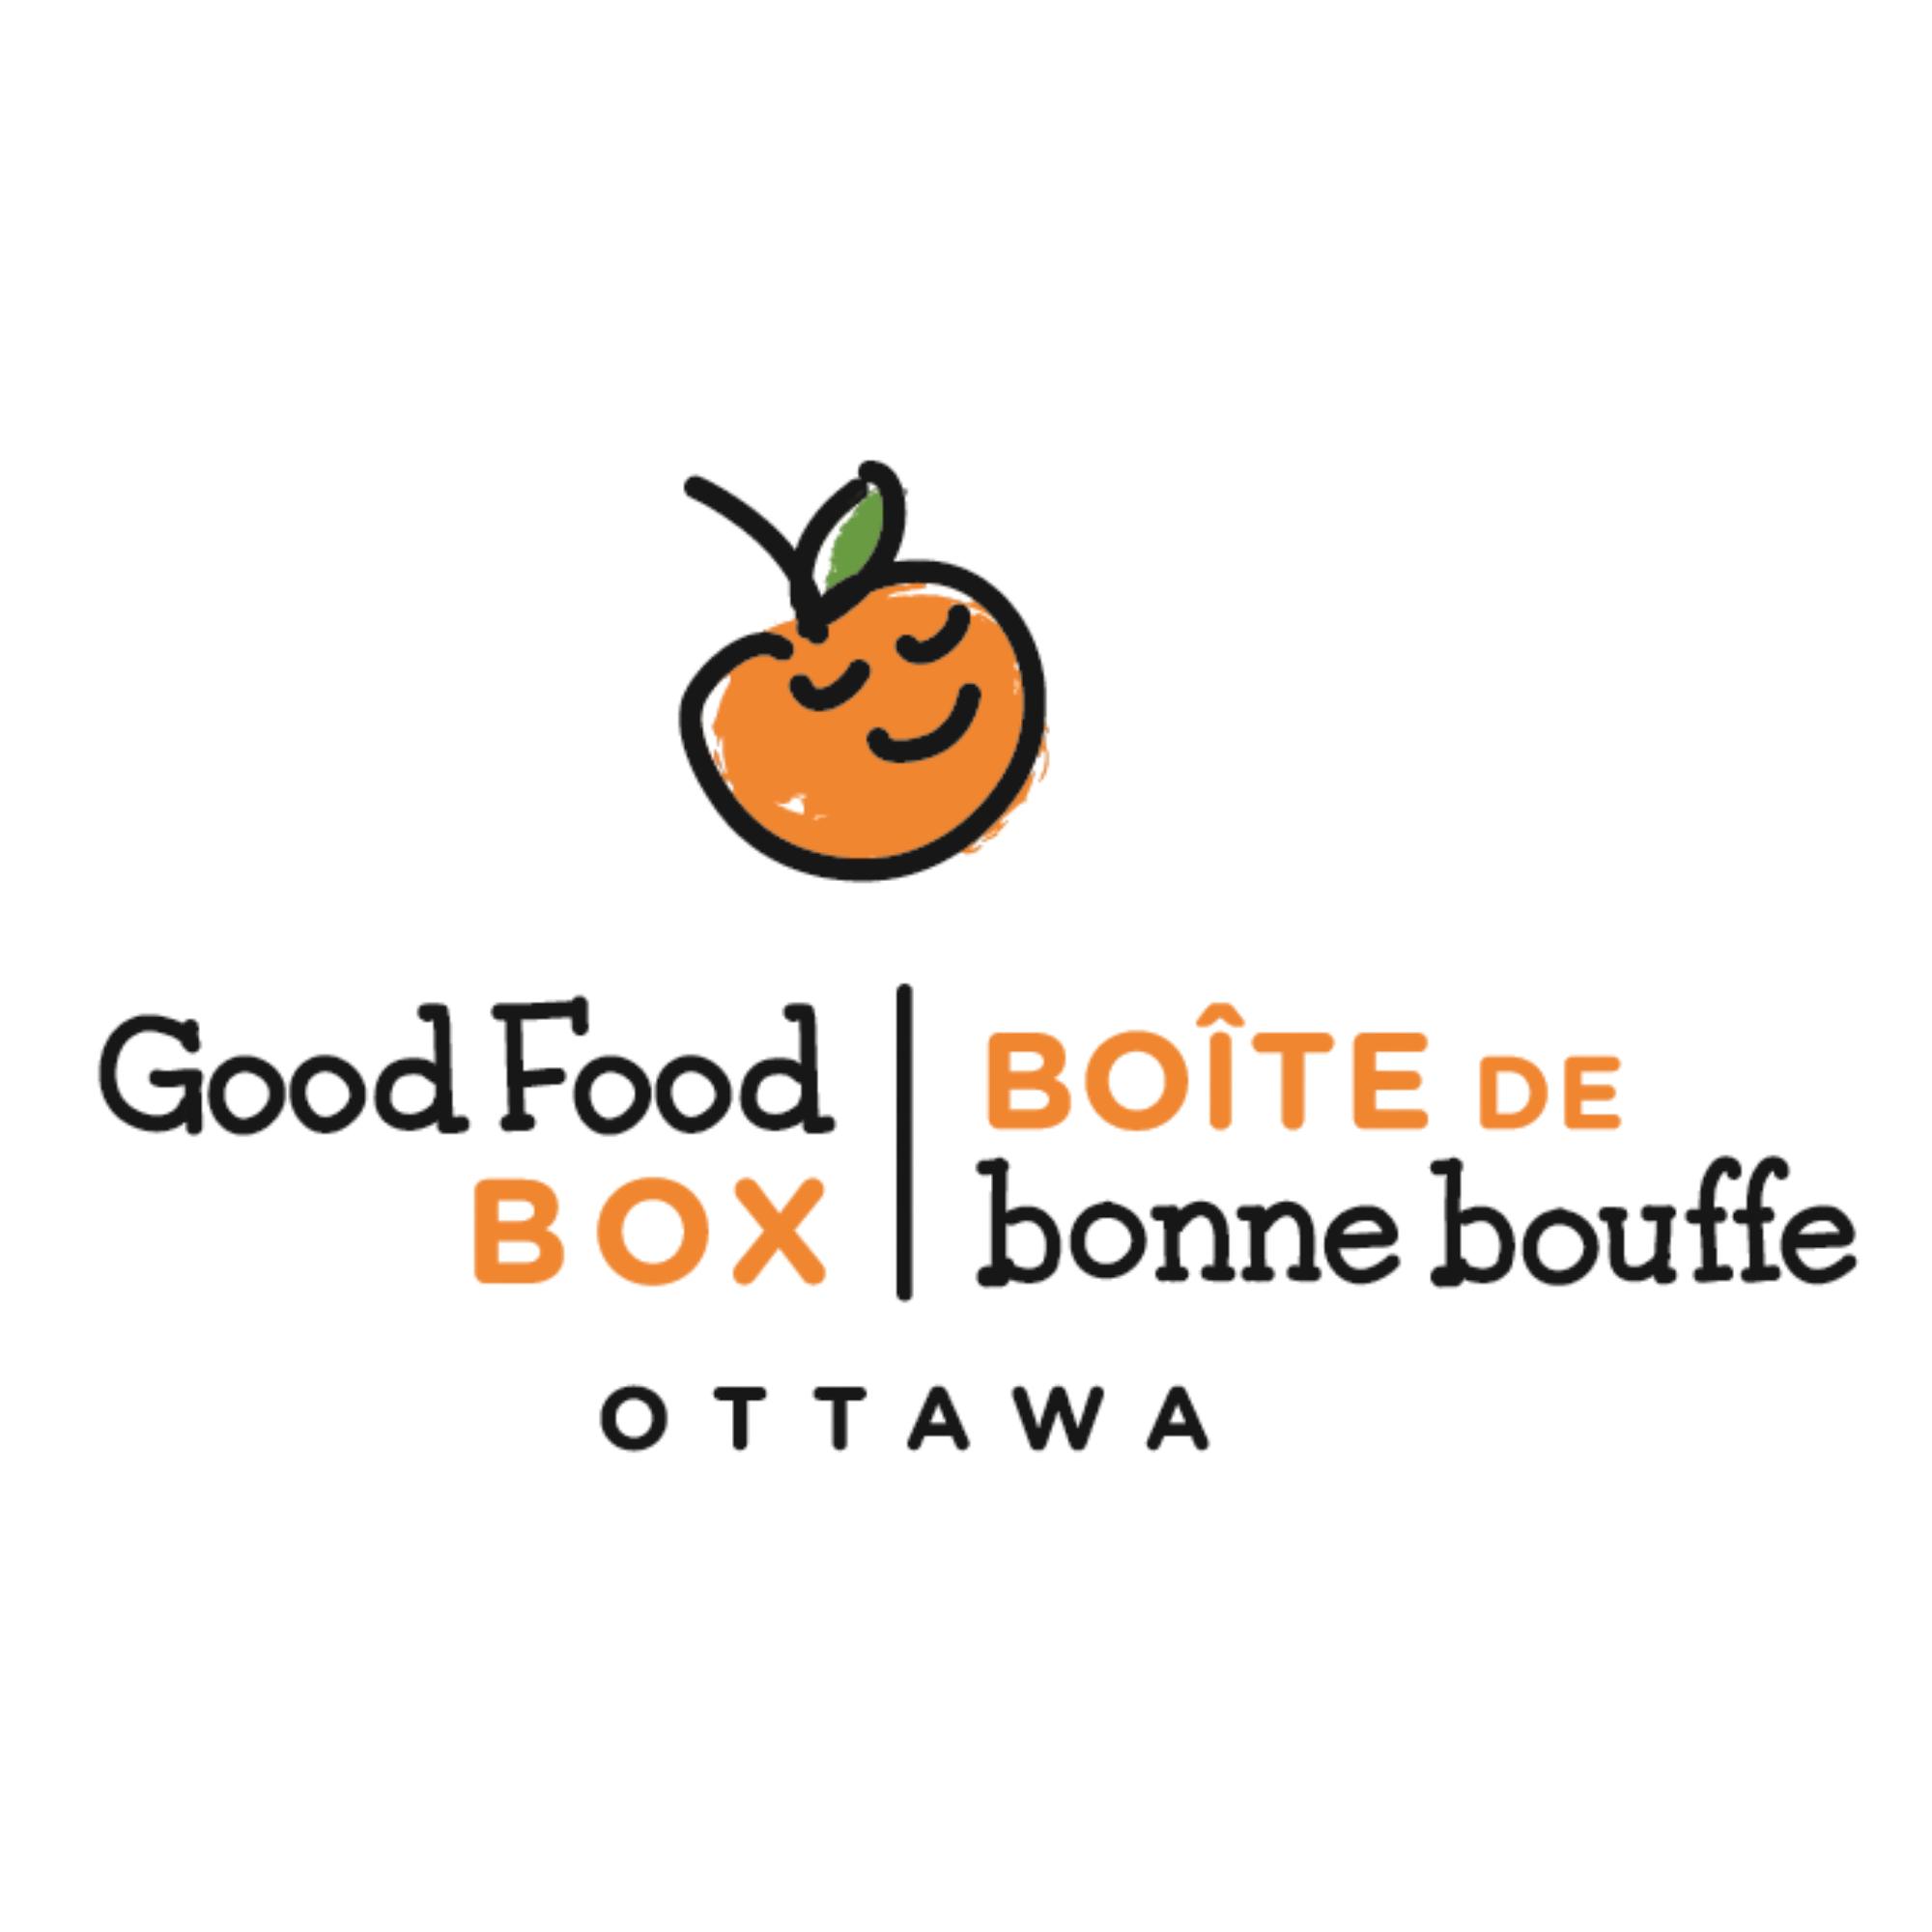 Ottawa Good Food Box